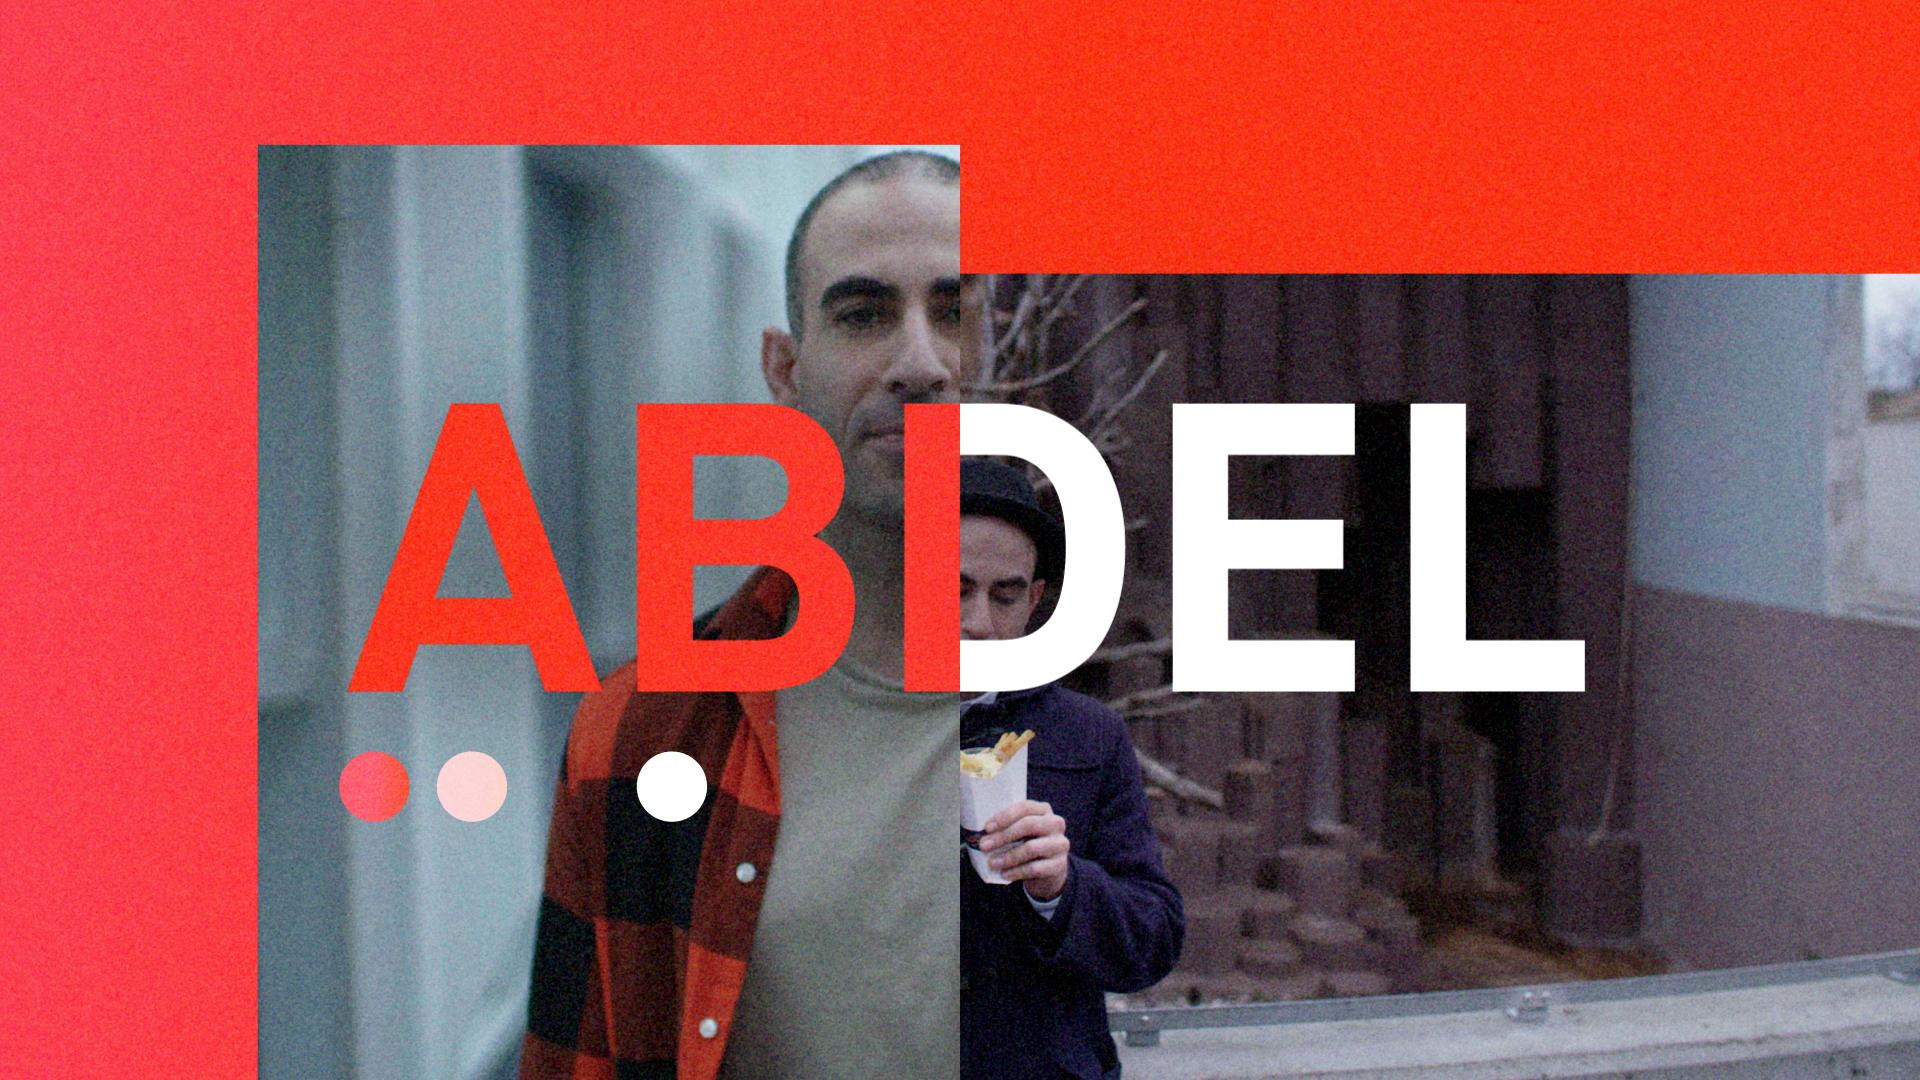 ABDEL-STILLS-03.jpg